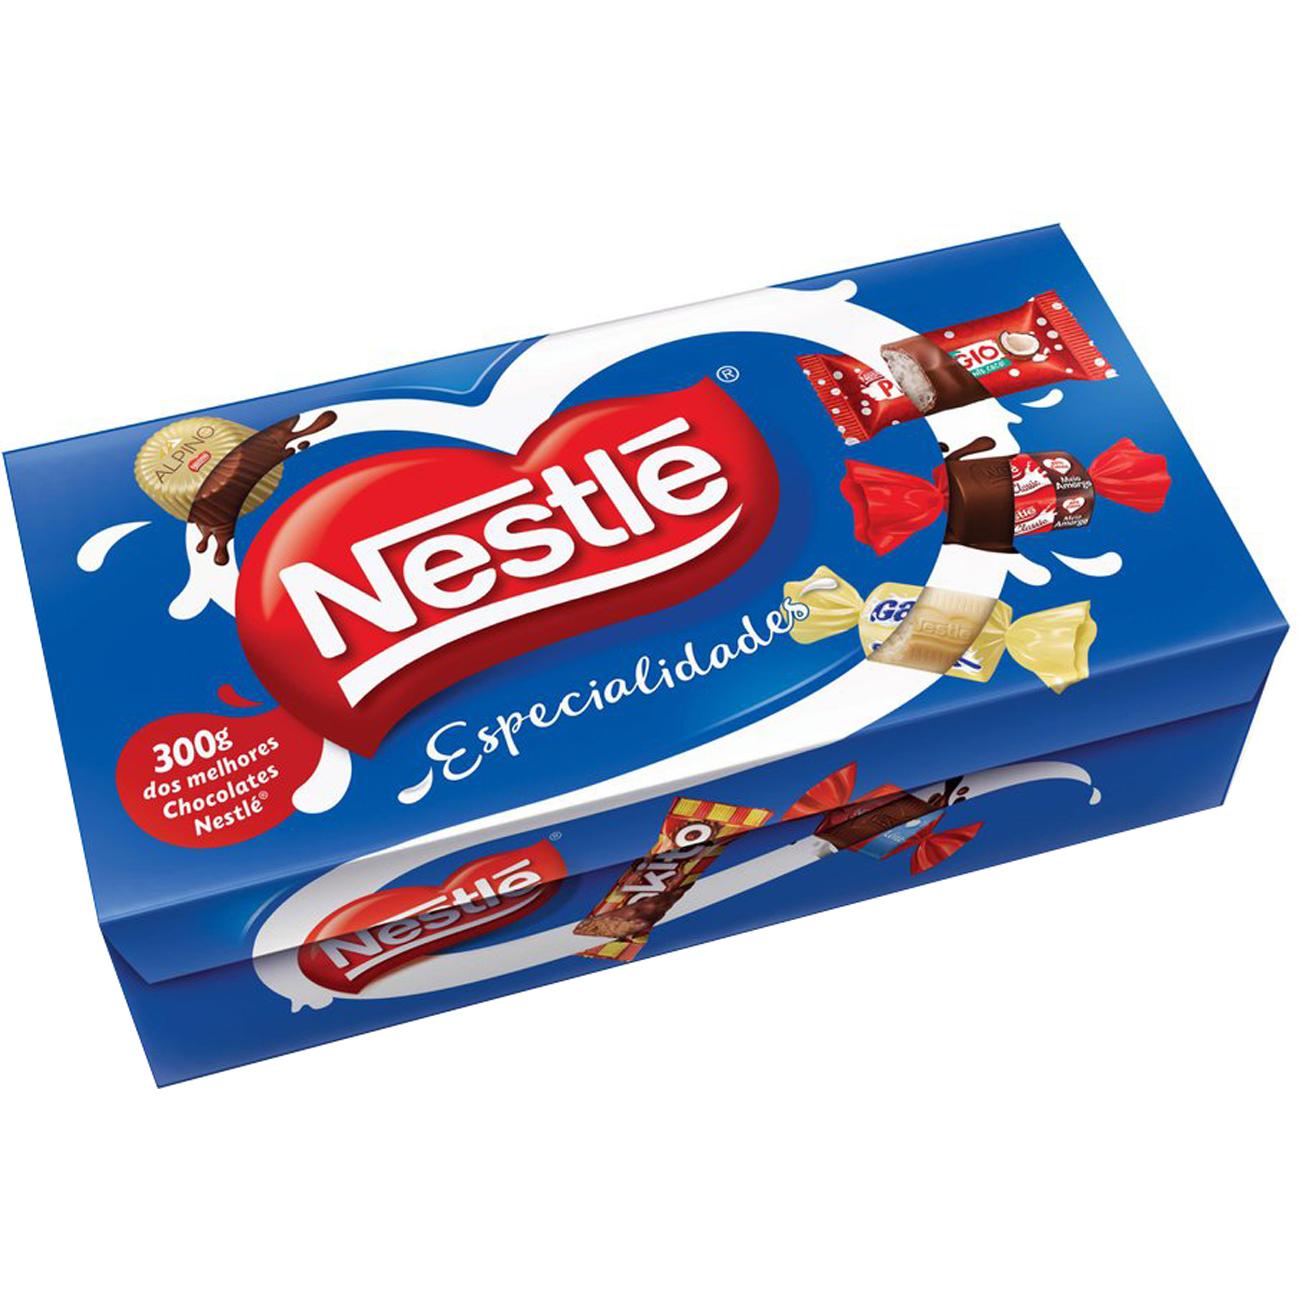 Bombom Nestle 300G Especialidades